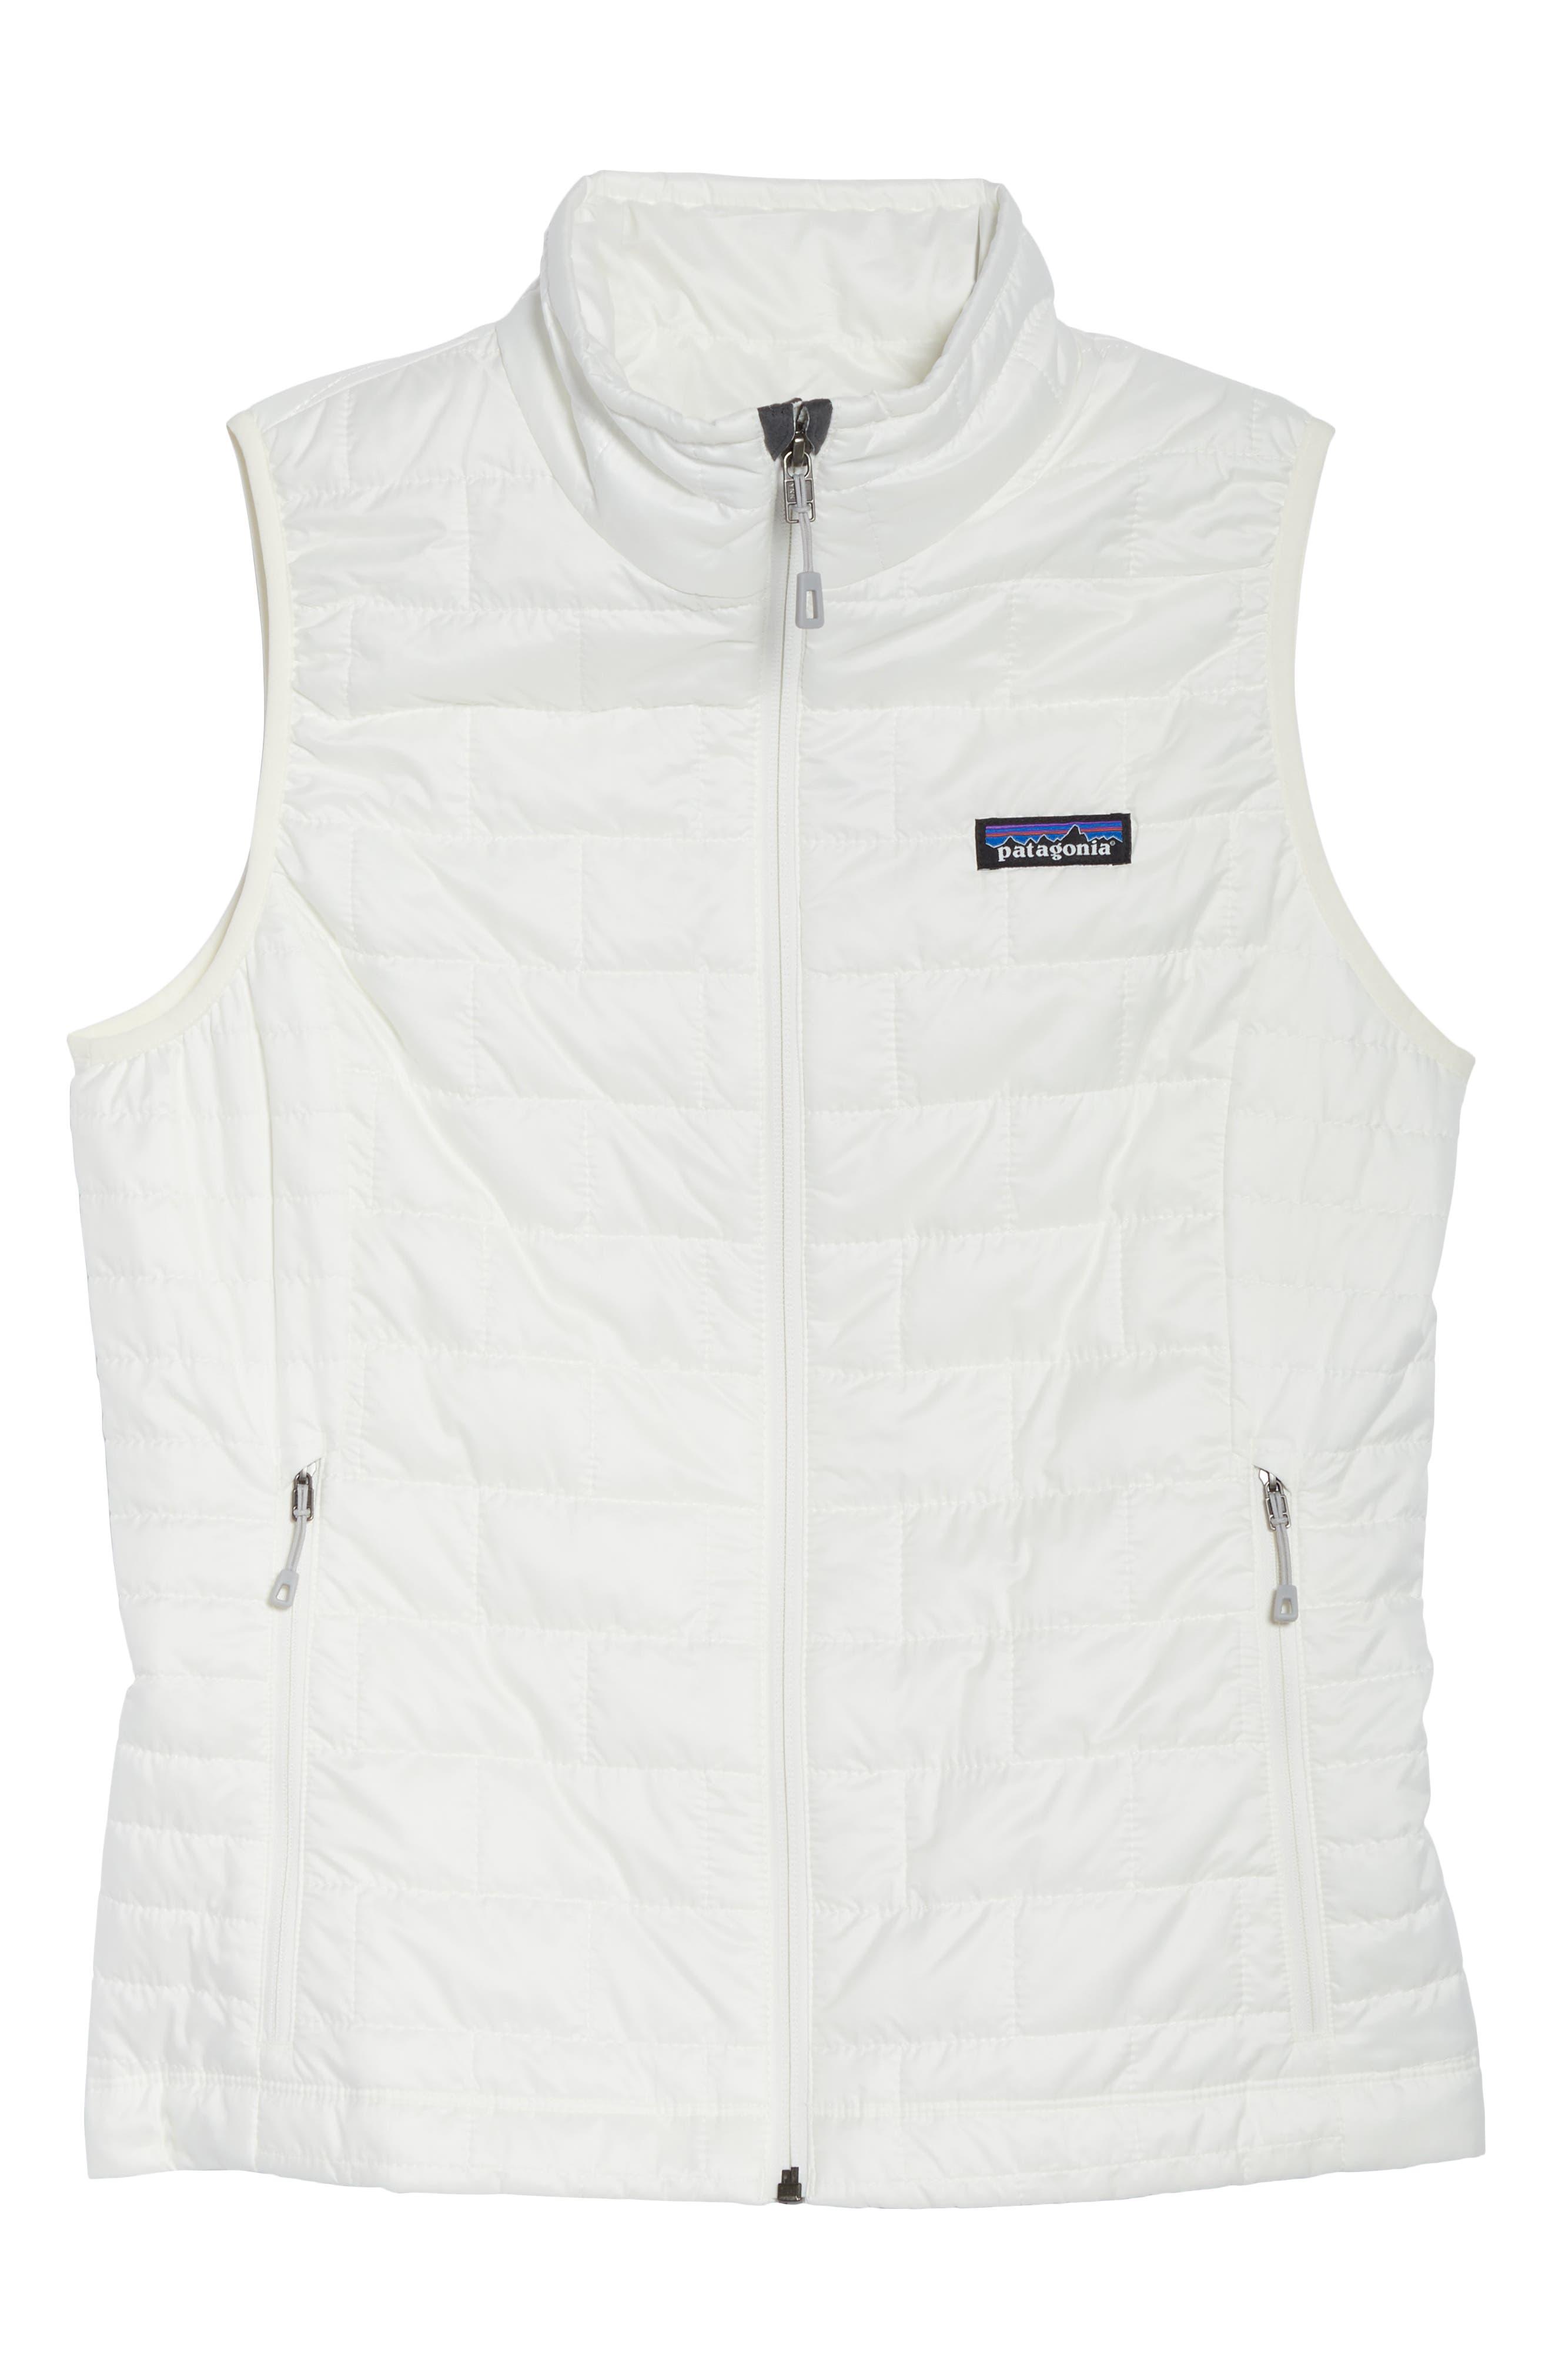 Bakery Mens Puffer Vest Lightweight Packable Down Casual Stand Collar Winter Outwear Sleeveless Jacket